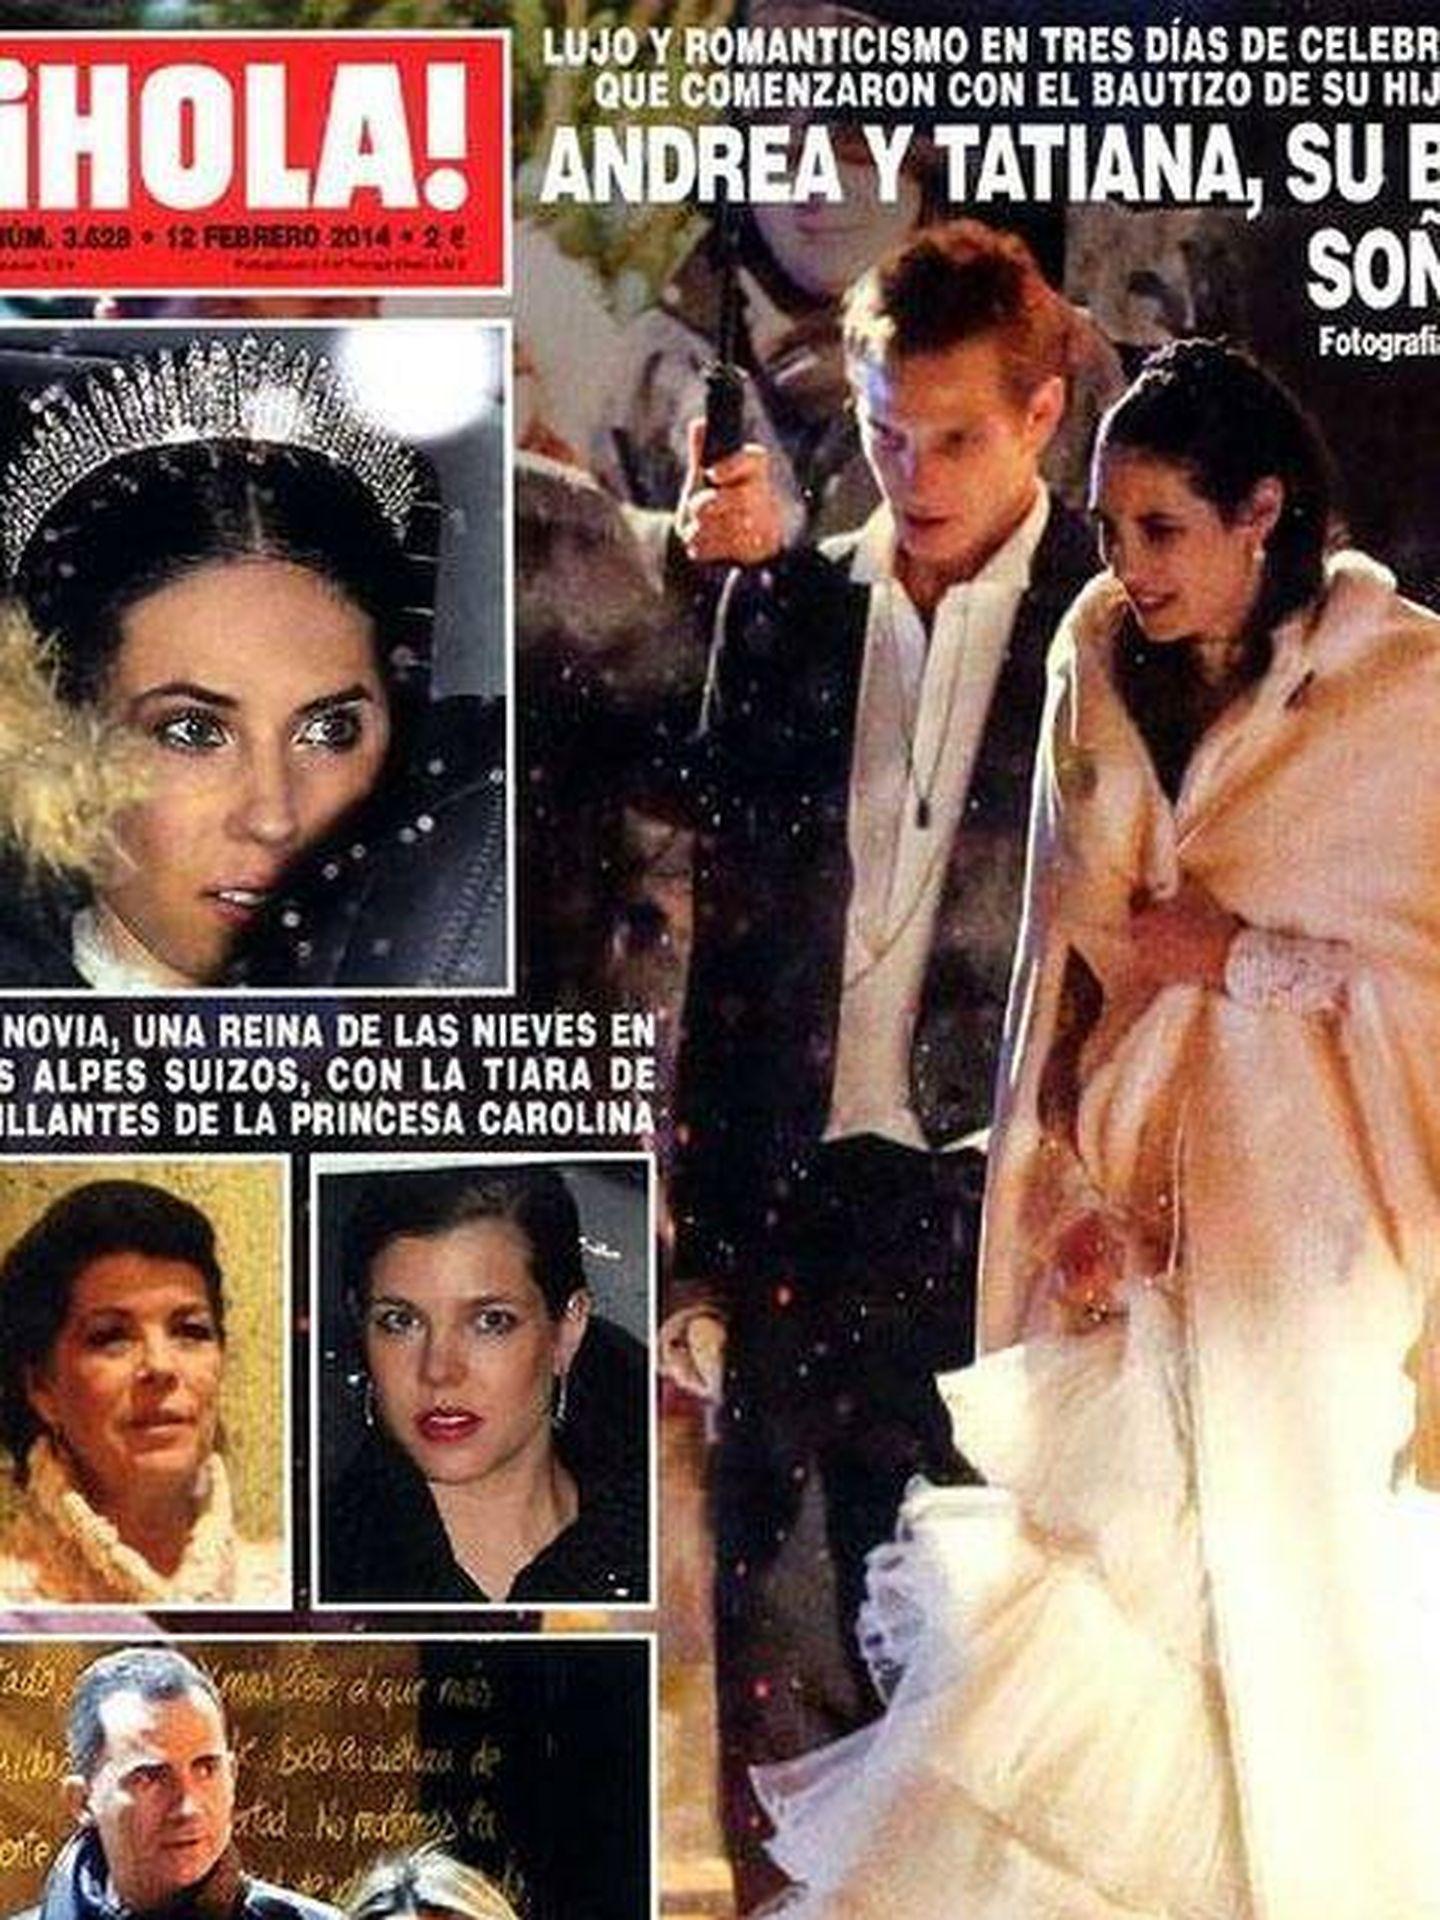 Portada de la boda de Tatiana Santo Domingo. (¡Hola!)